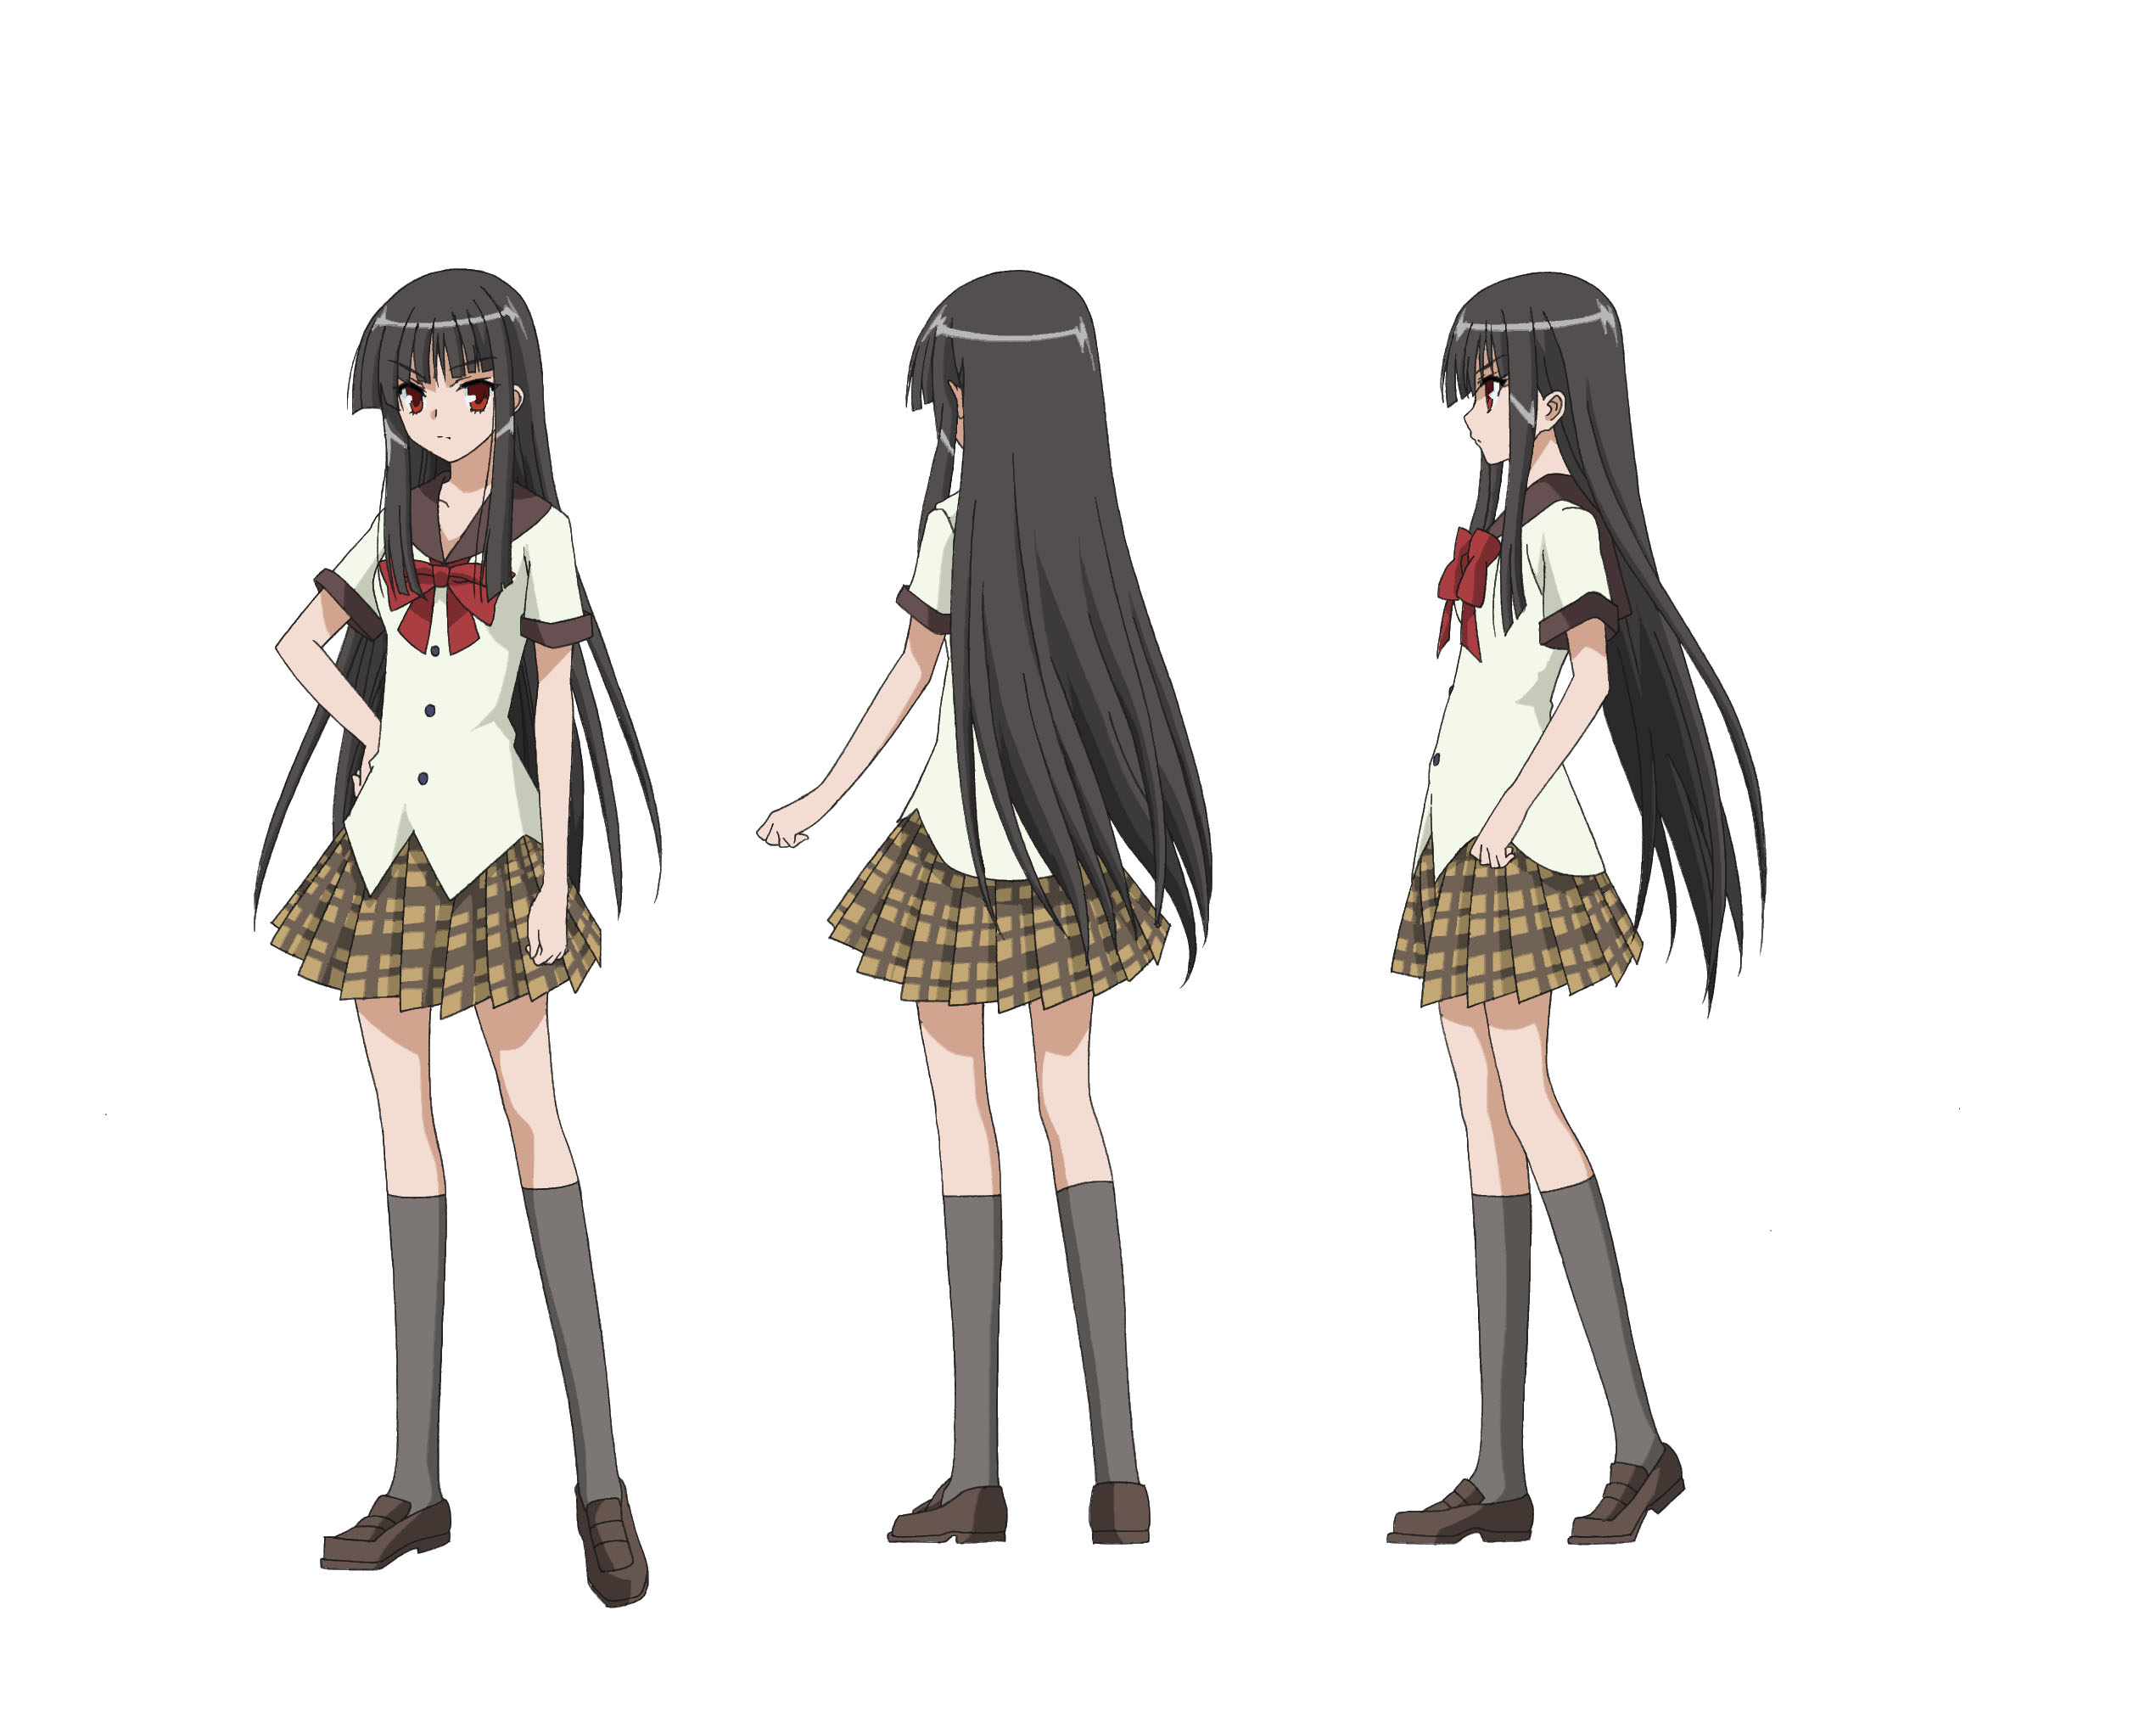 https://ami.animecharactersdatabase.com/uploads/chars/36338-558960905.jpg